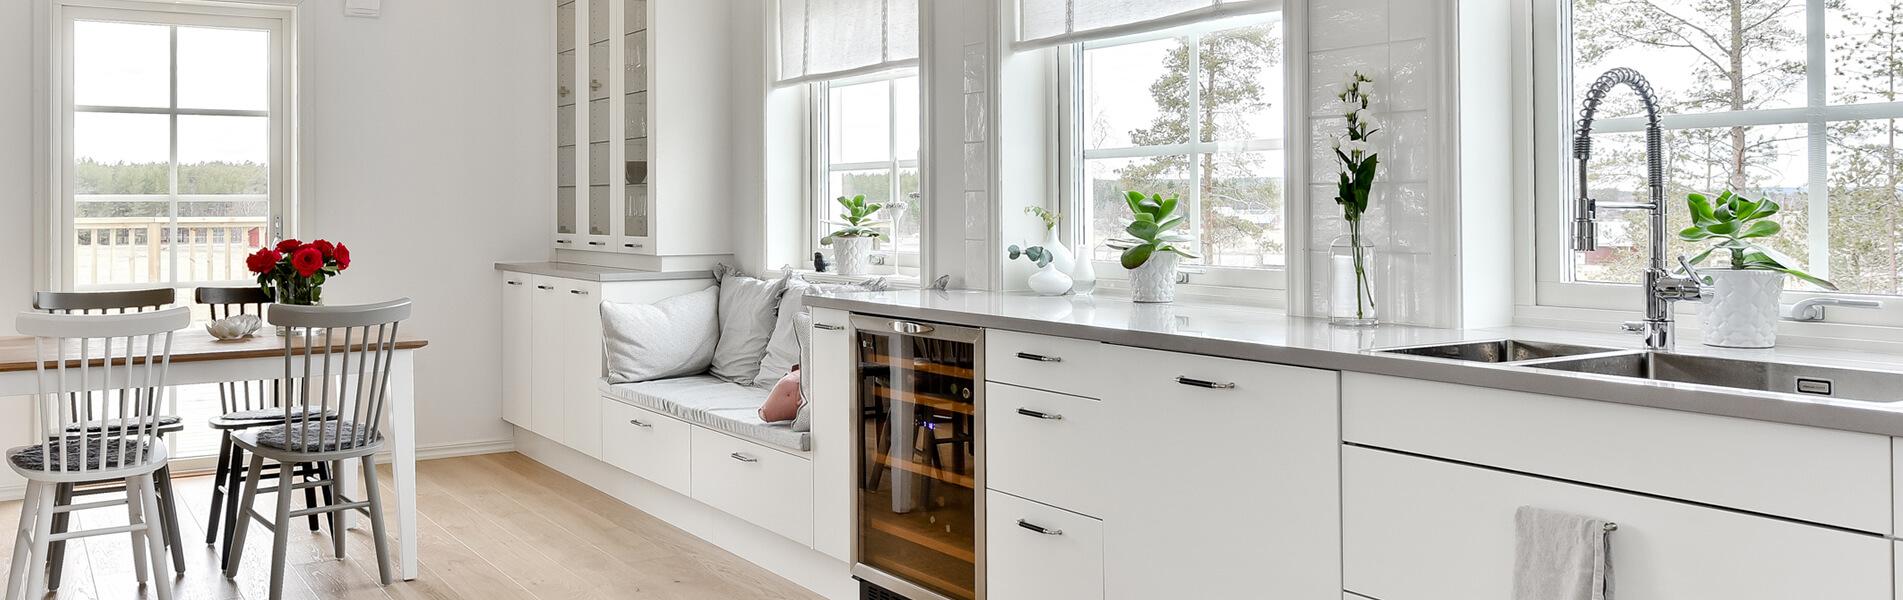 Villa Rödbäck kök - Creativ bygg